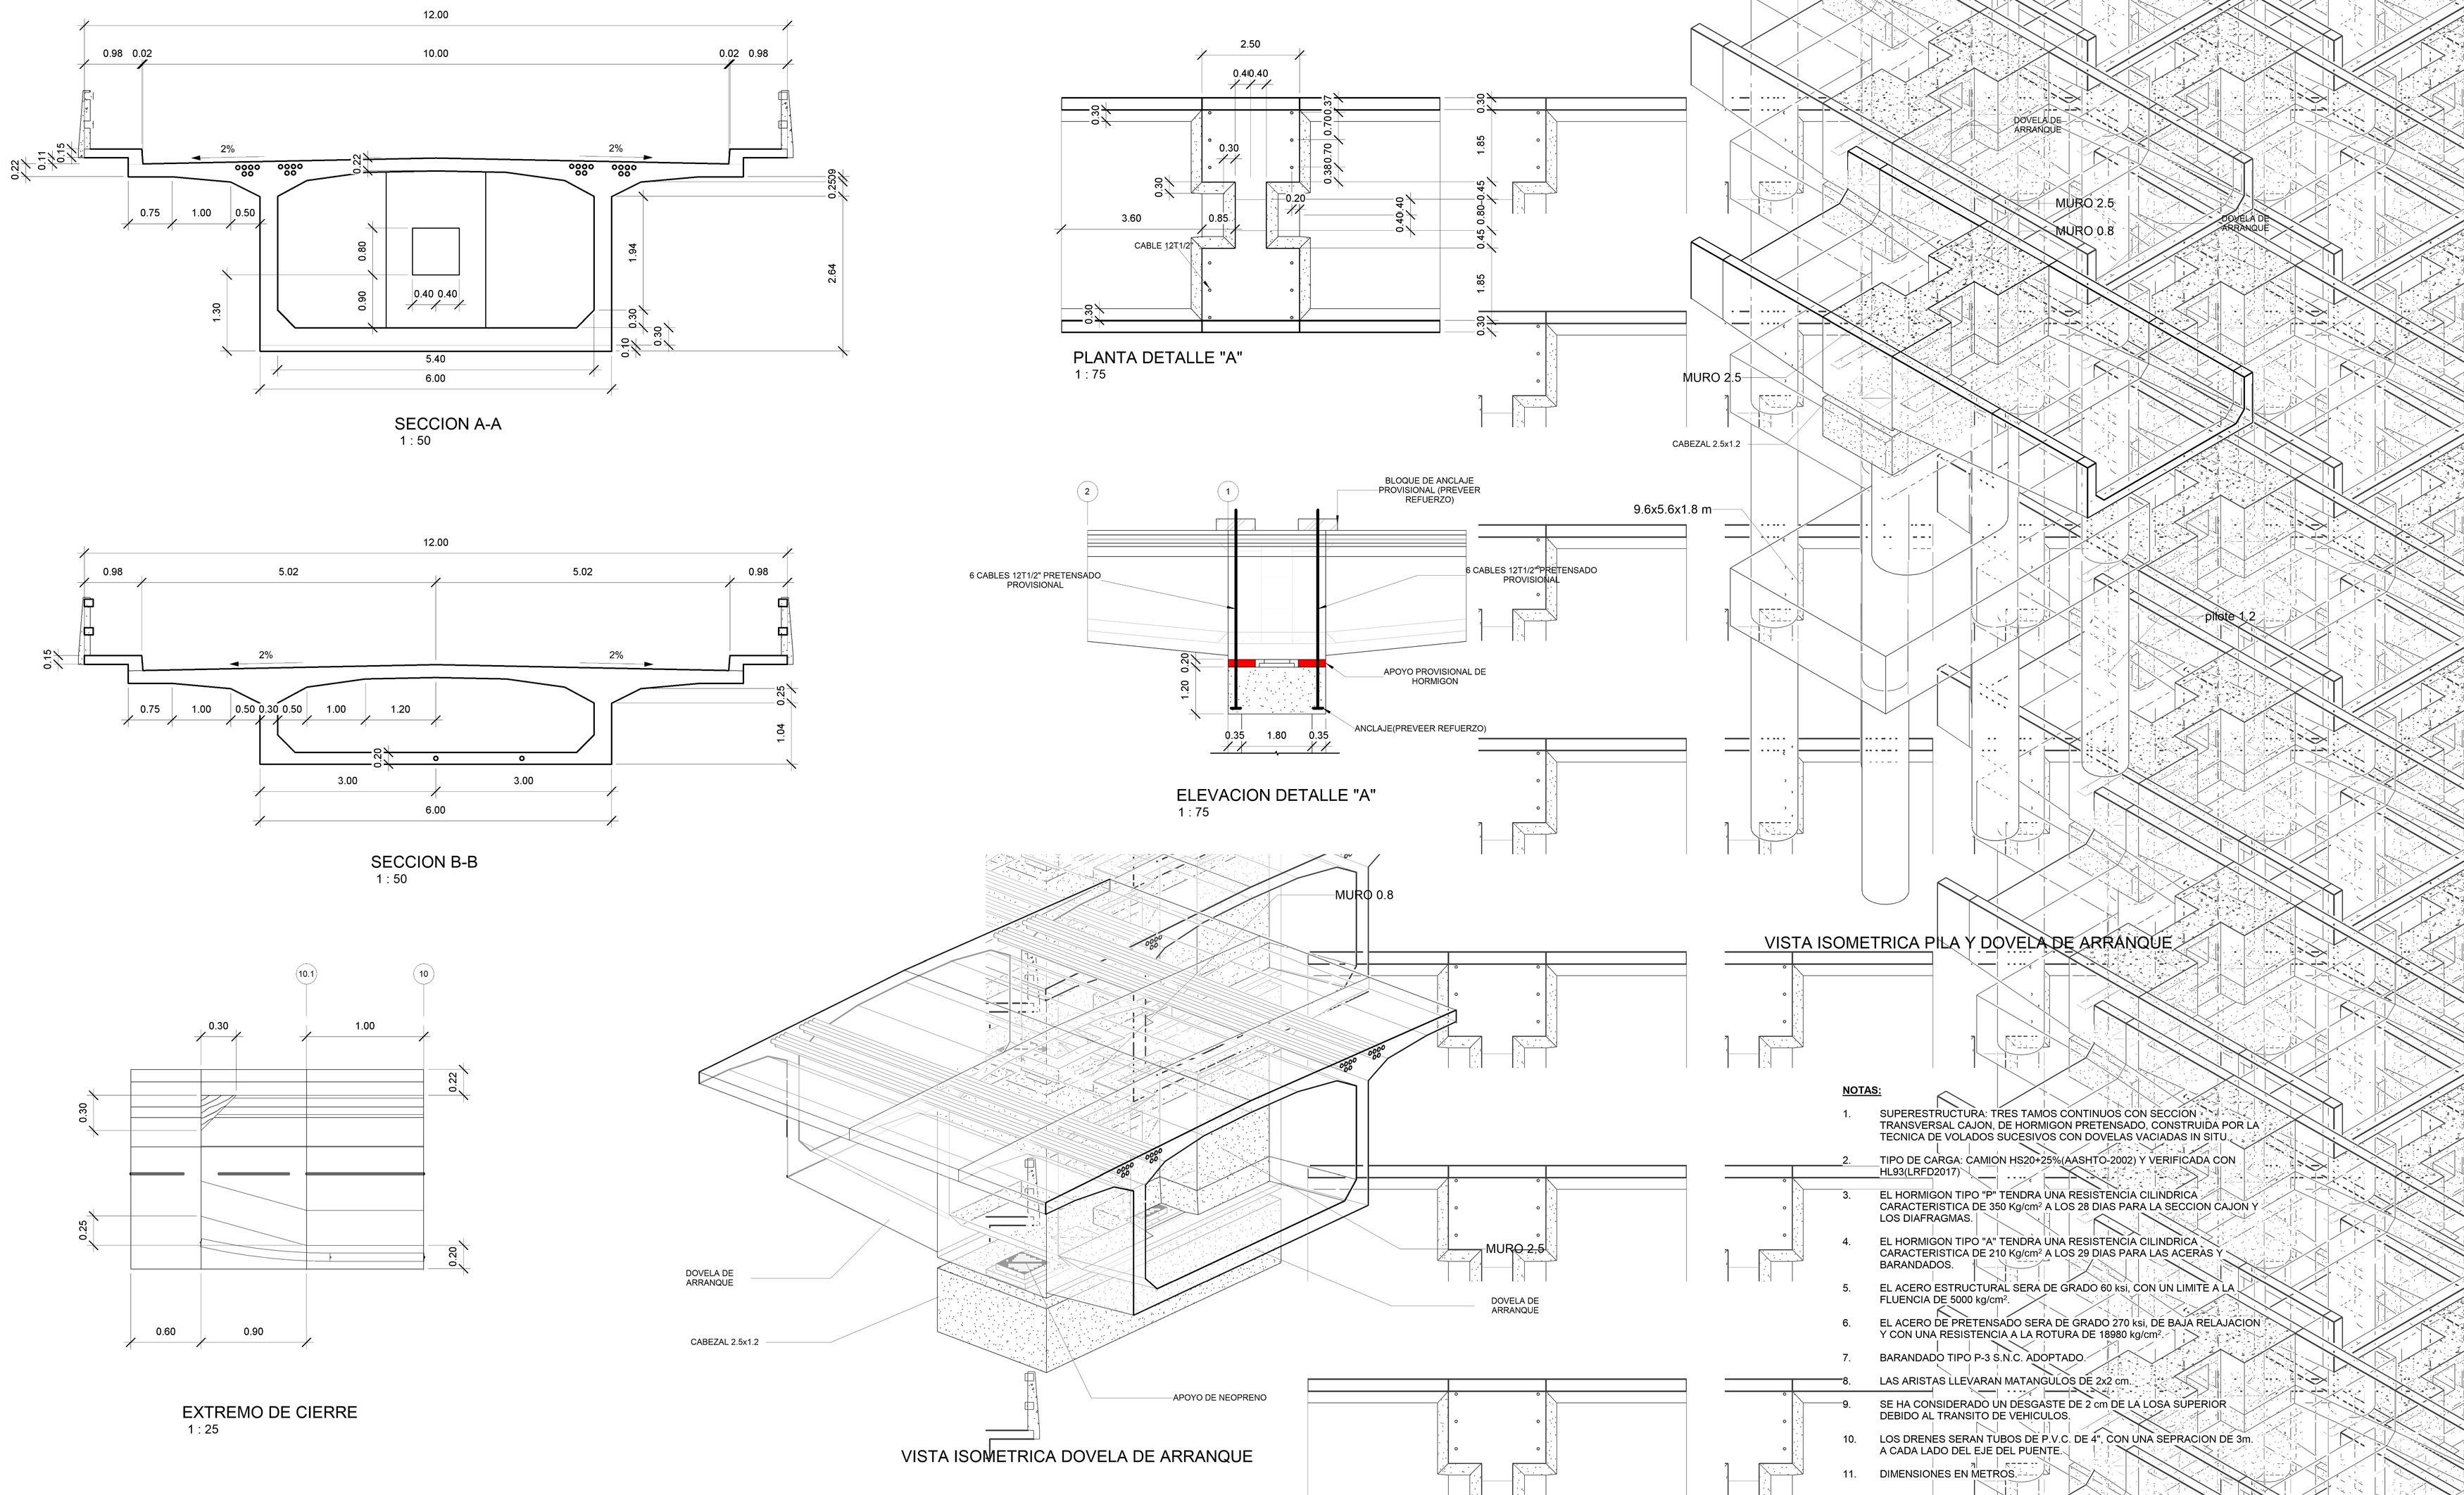 133---modelo-puente-rev30---plano---6---plano-de-dimensiones-3500-3500